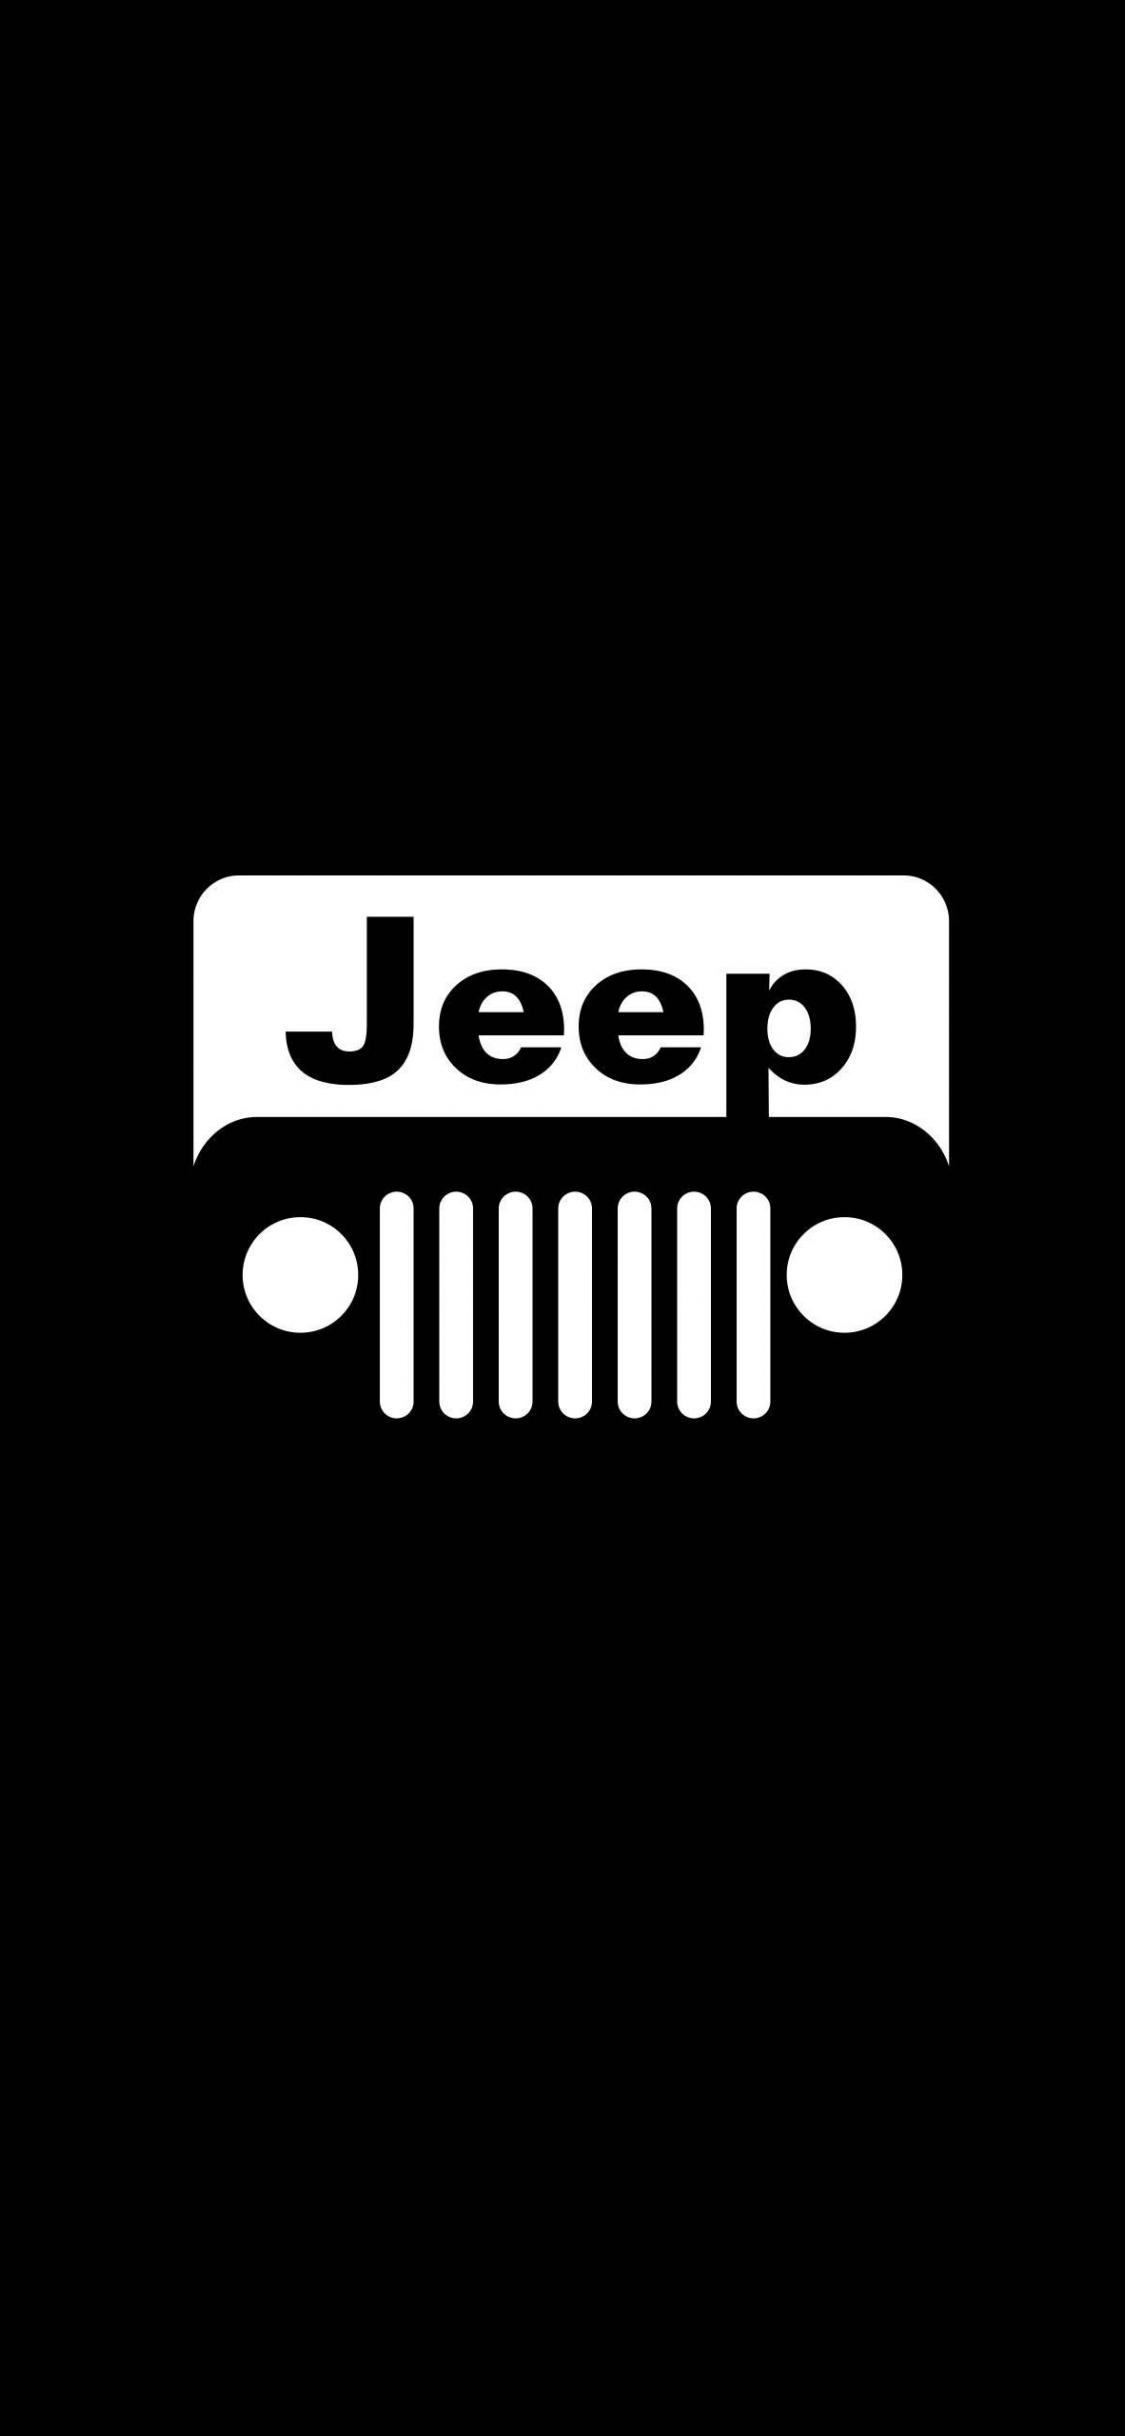 Download 1125x2436 Wallpaper Jeep Car Minimal Logo Dark